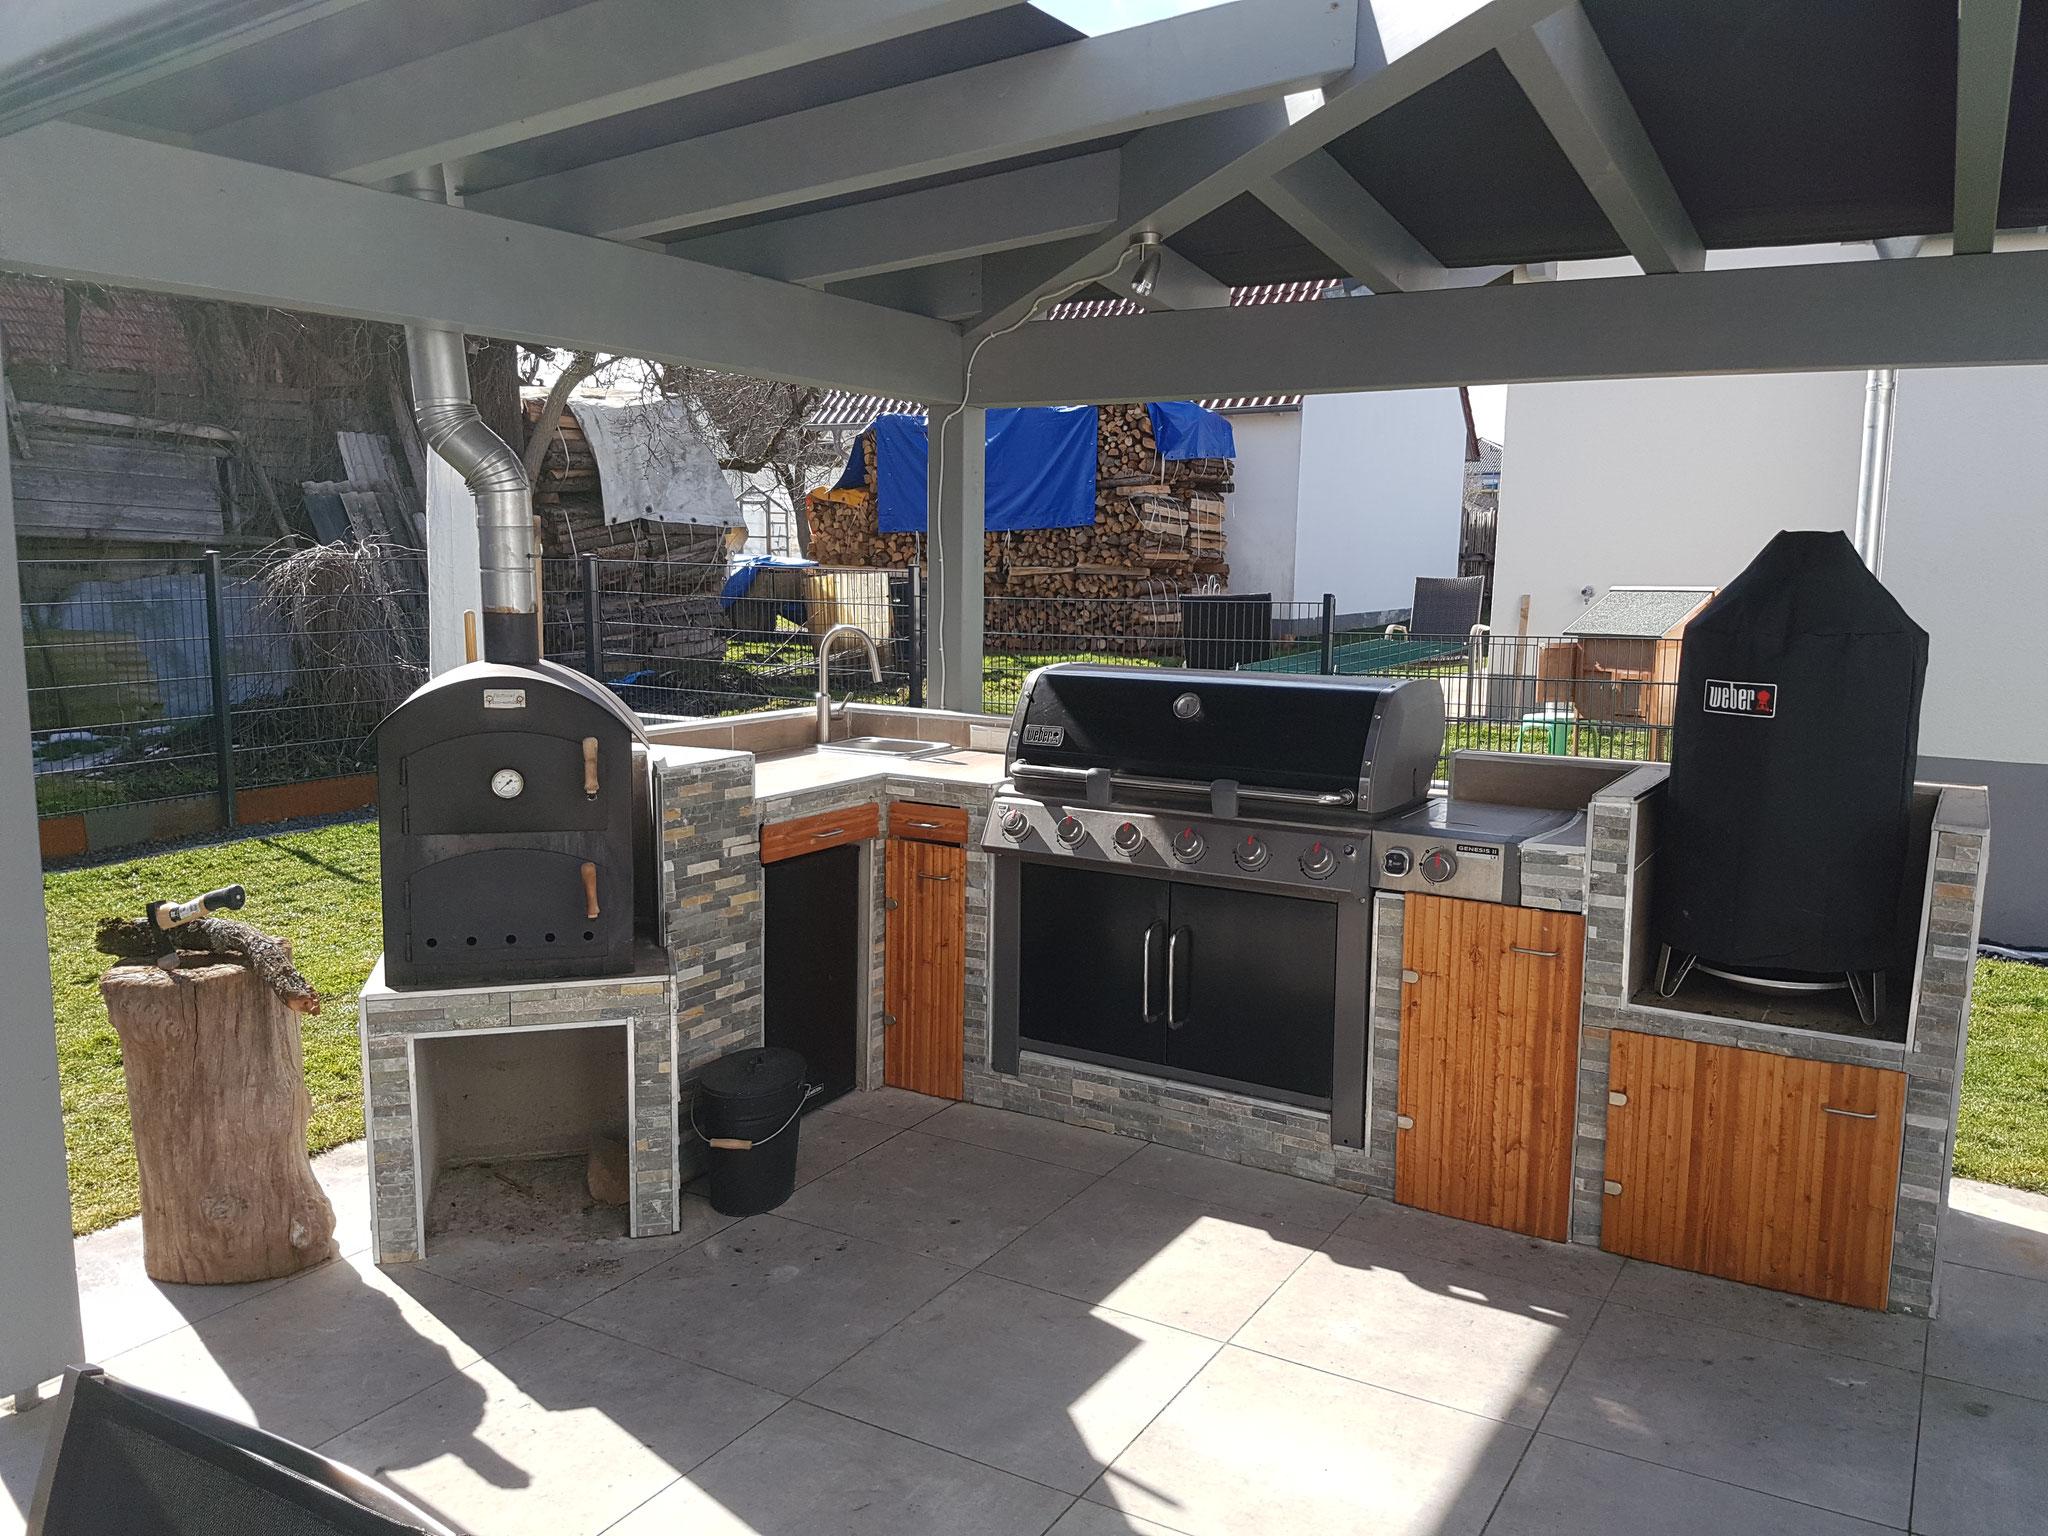 Outdoorküche Zubehör Erfahrungen : Die outdoor küche rezepte outdoorküche und kochutensilien